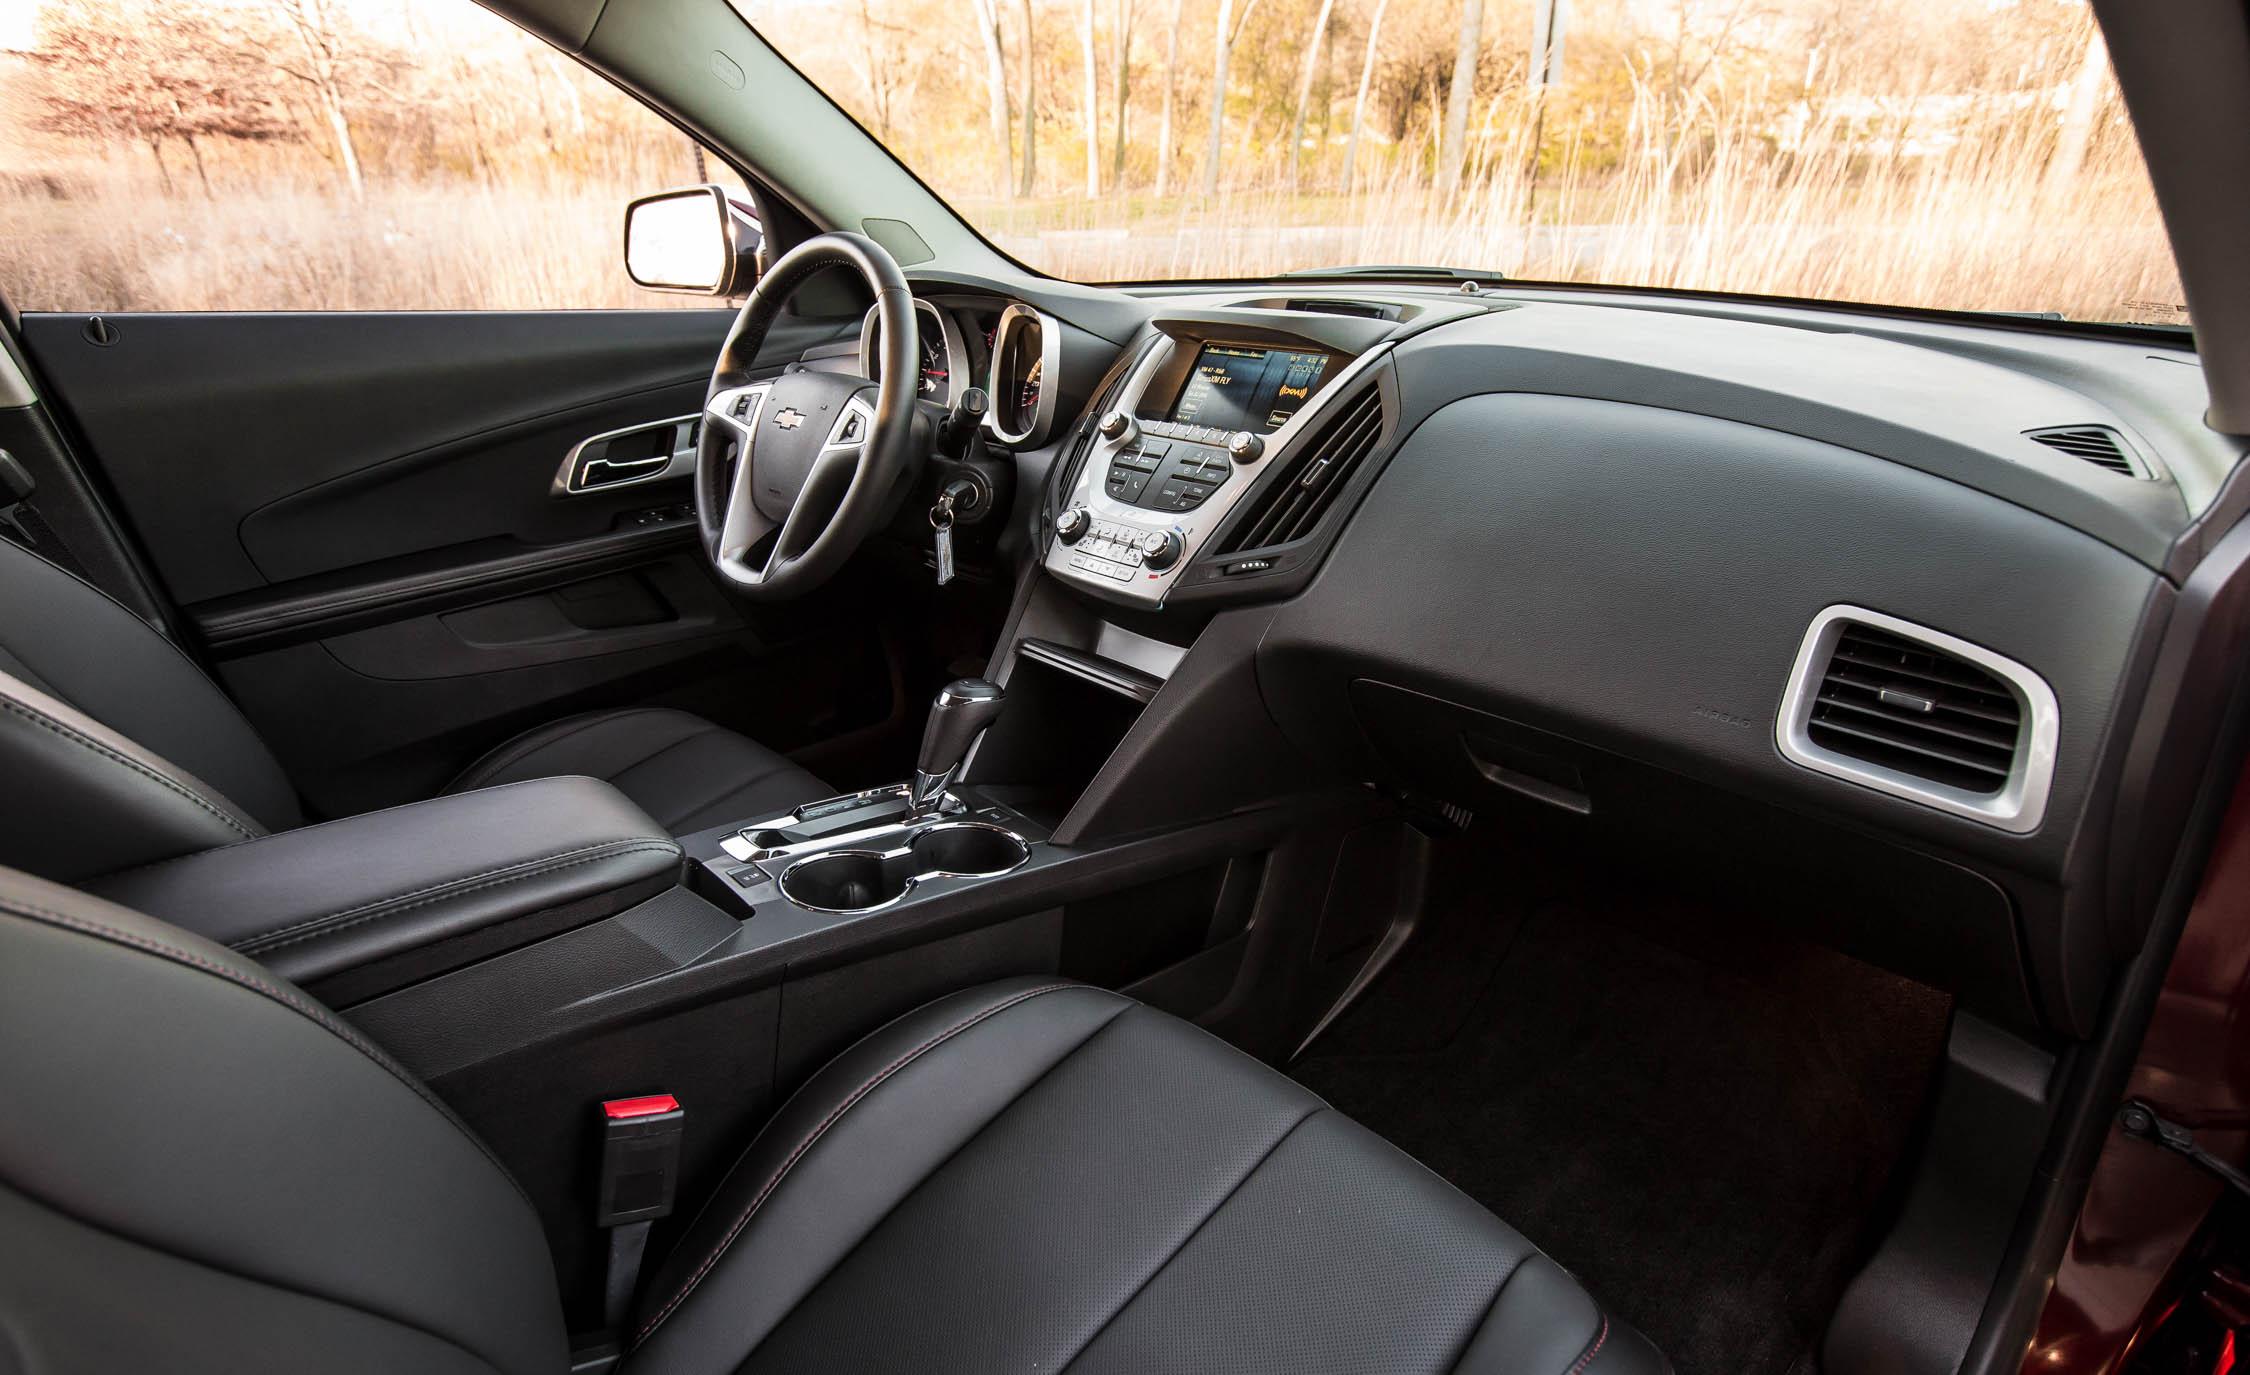 2016 Chevrolet Equinox LTZ Interior Dashboard